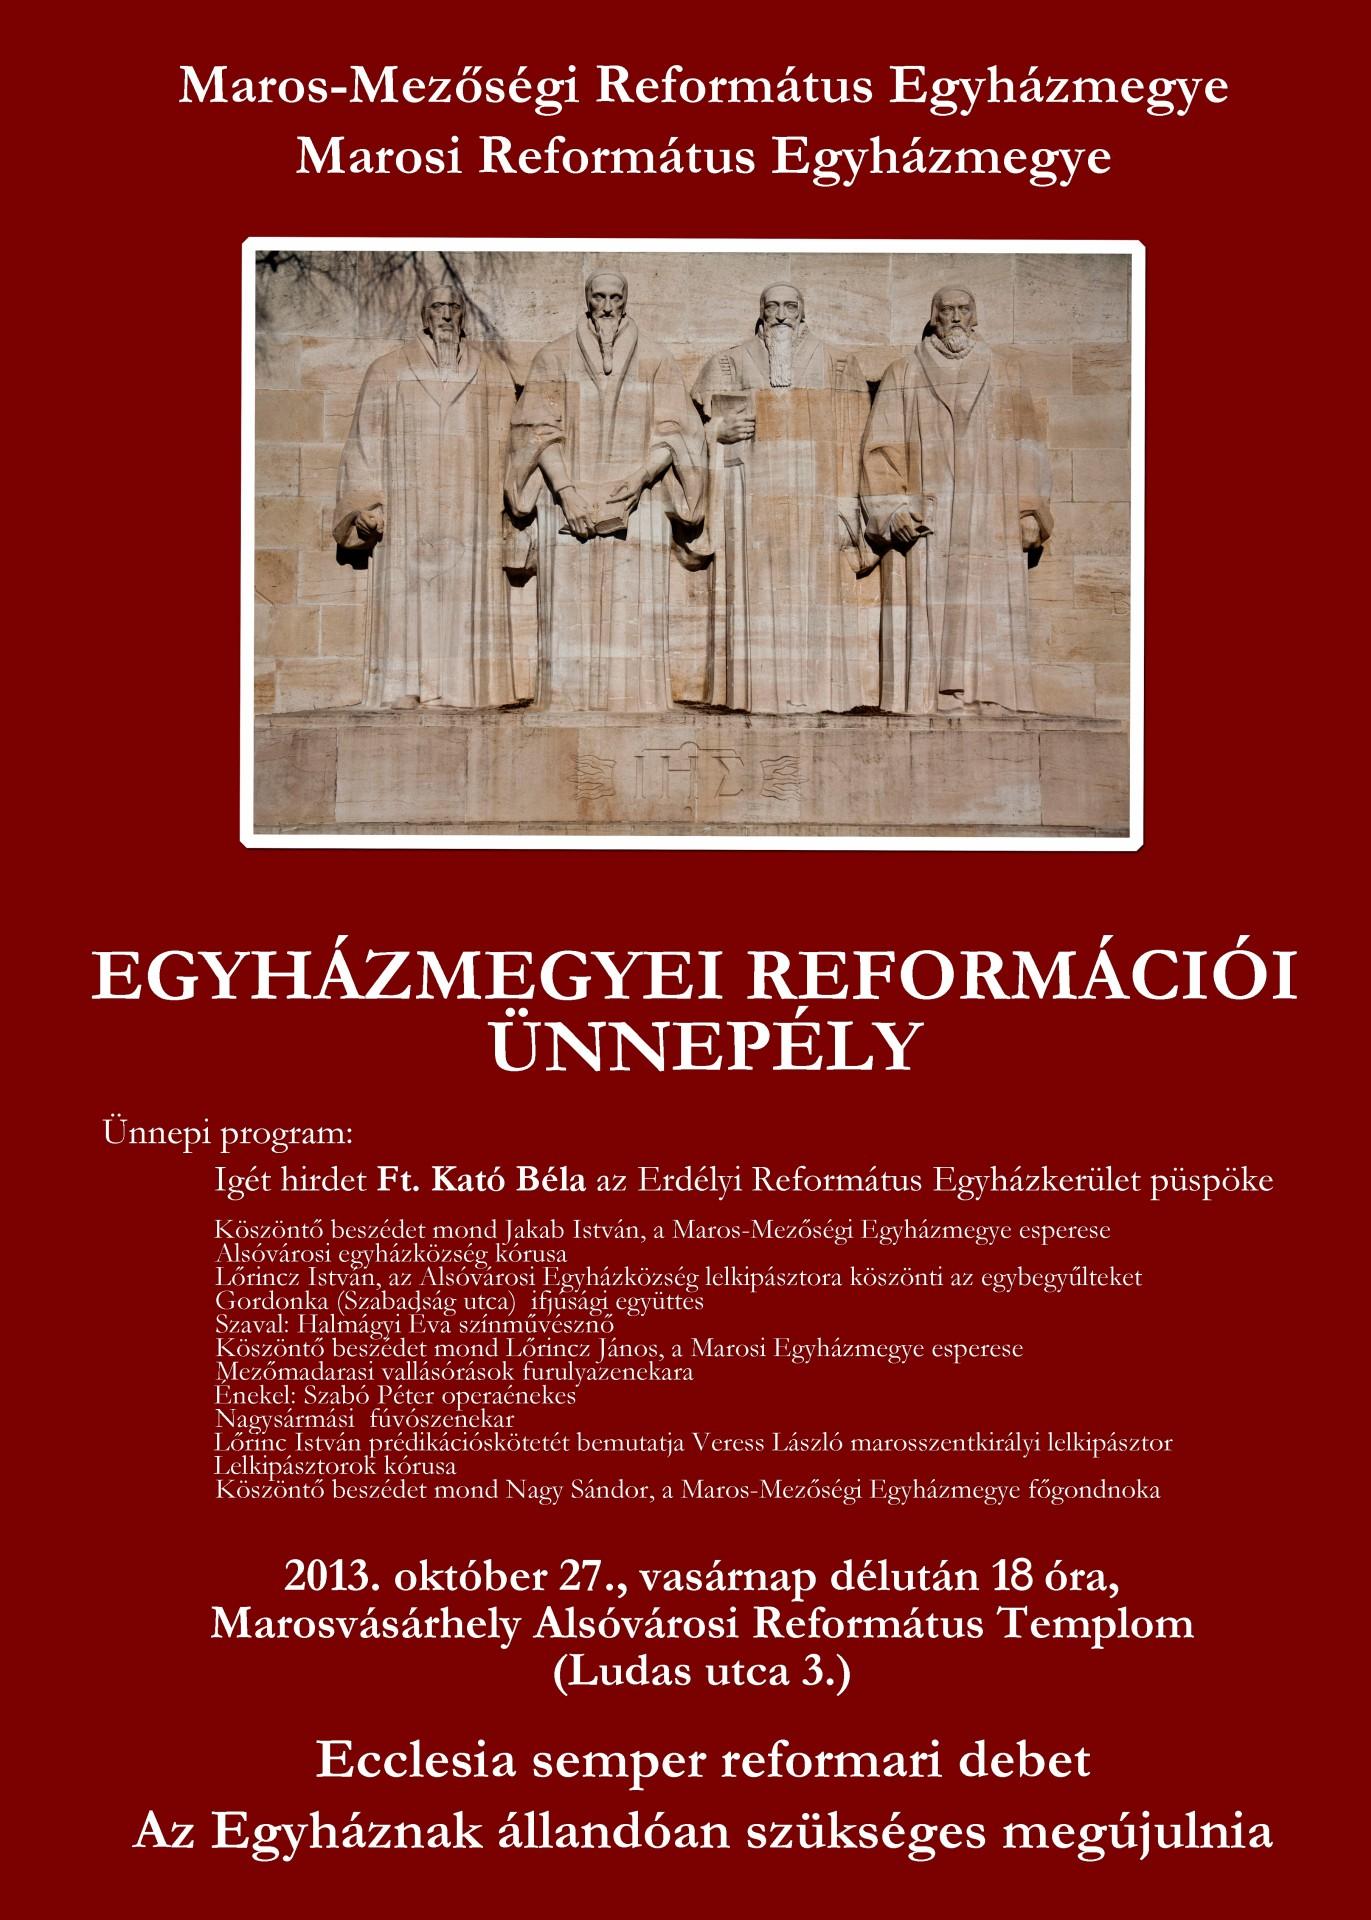 Közös reformációi ünnepélyt szervez a Marosi és a Maros-Mezőségi Református Egyházmegye